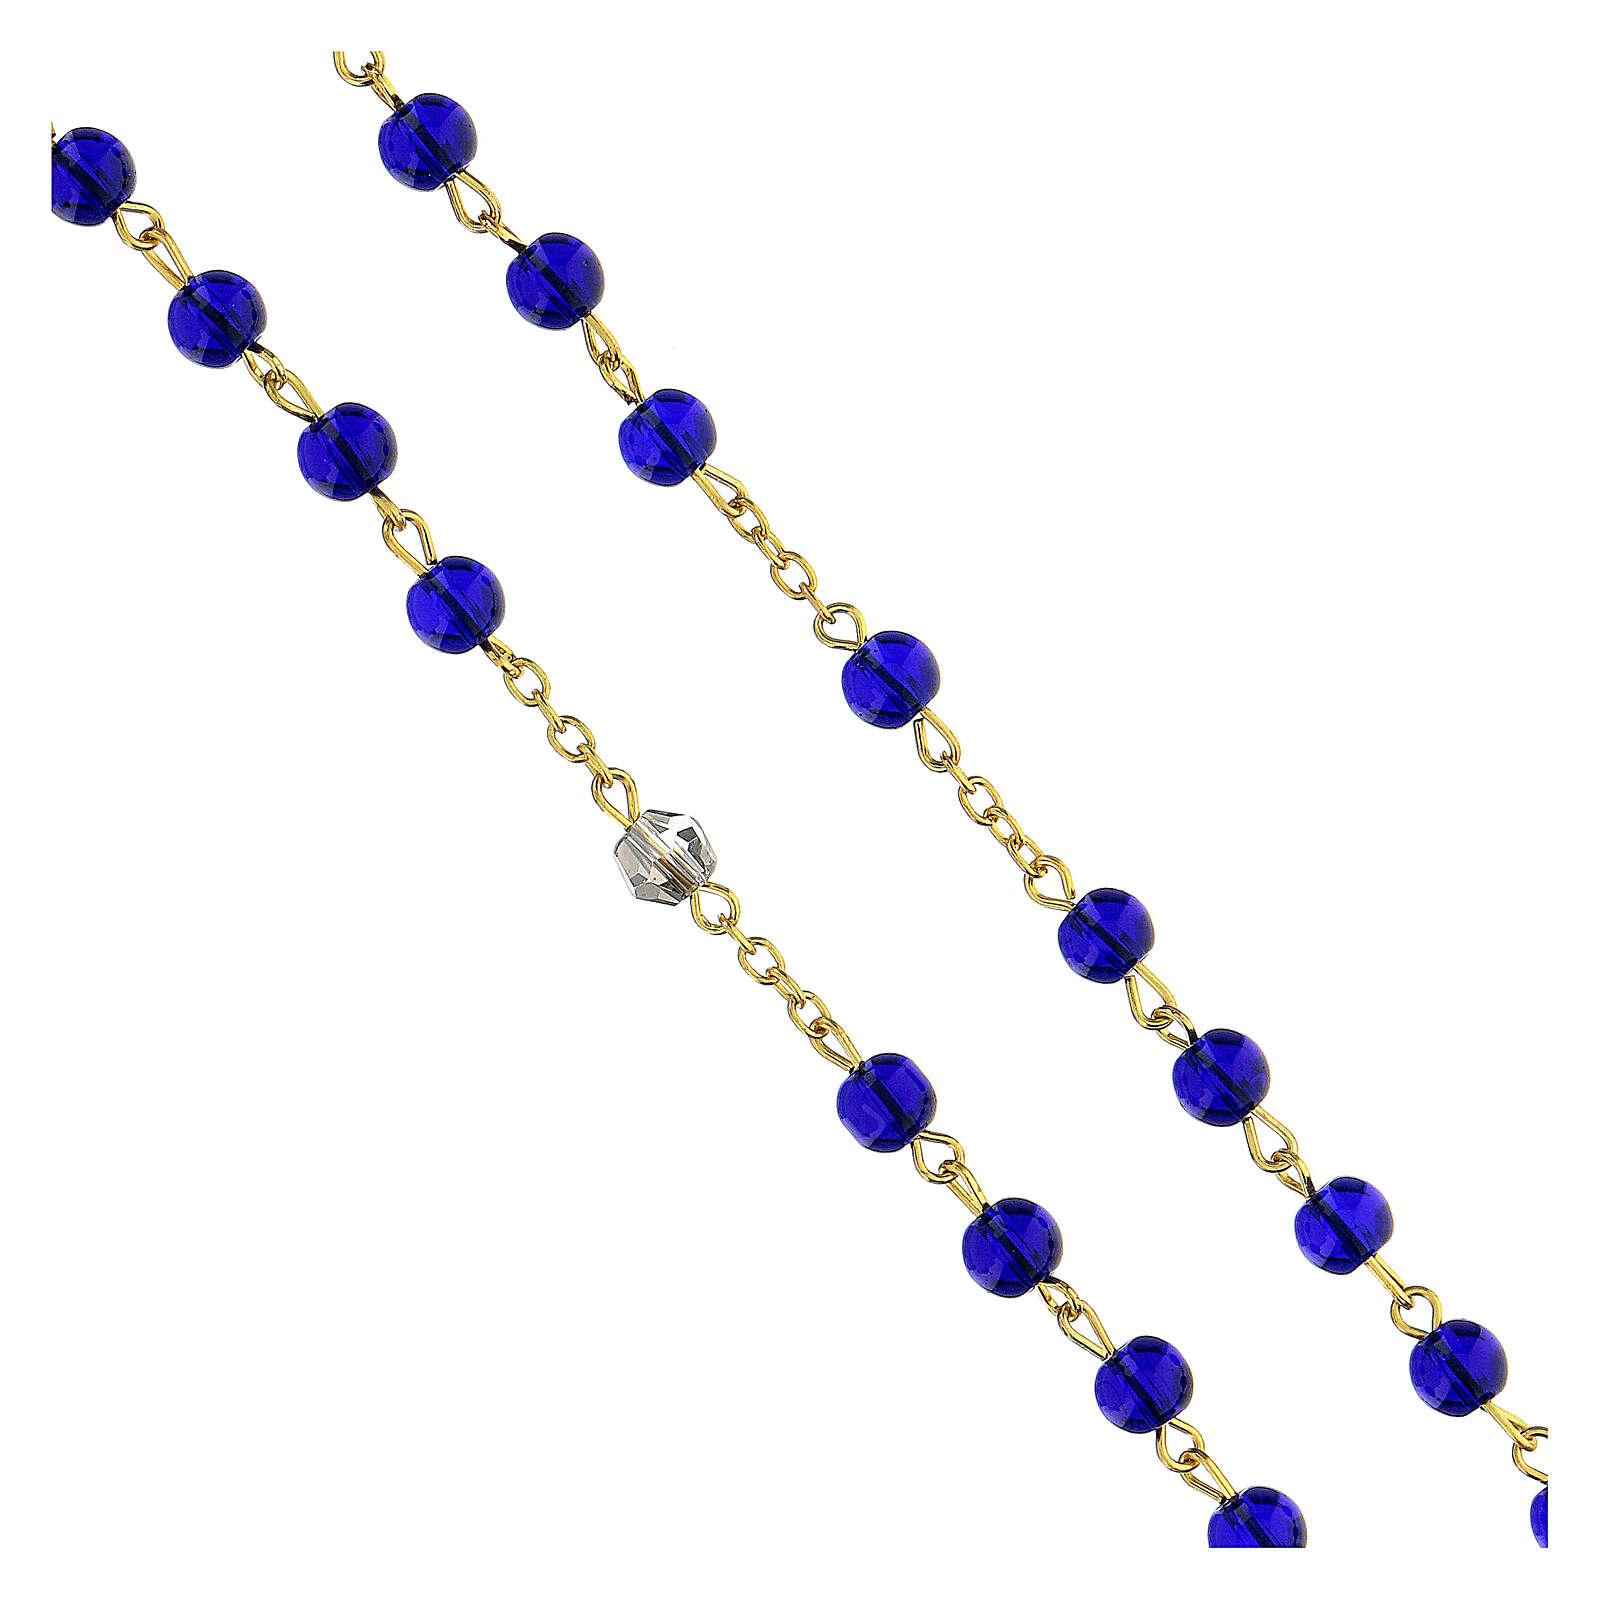 Różaniec Ewangelii koraliki szkło niebieskie 6 mm - Kolekcja Korony Wiary 47/47 4